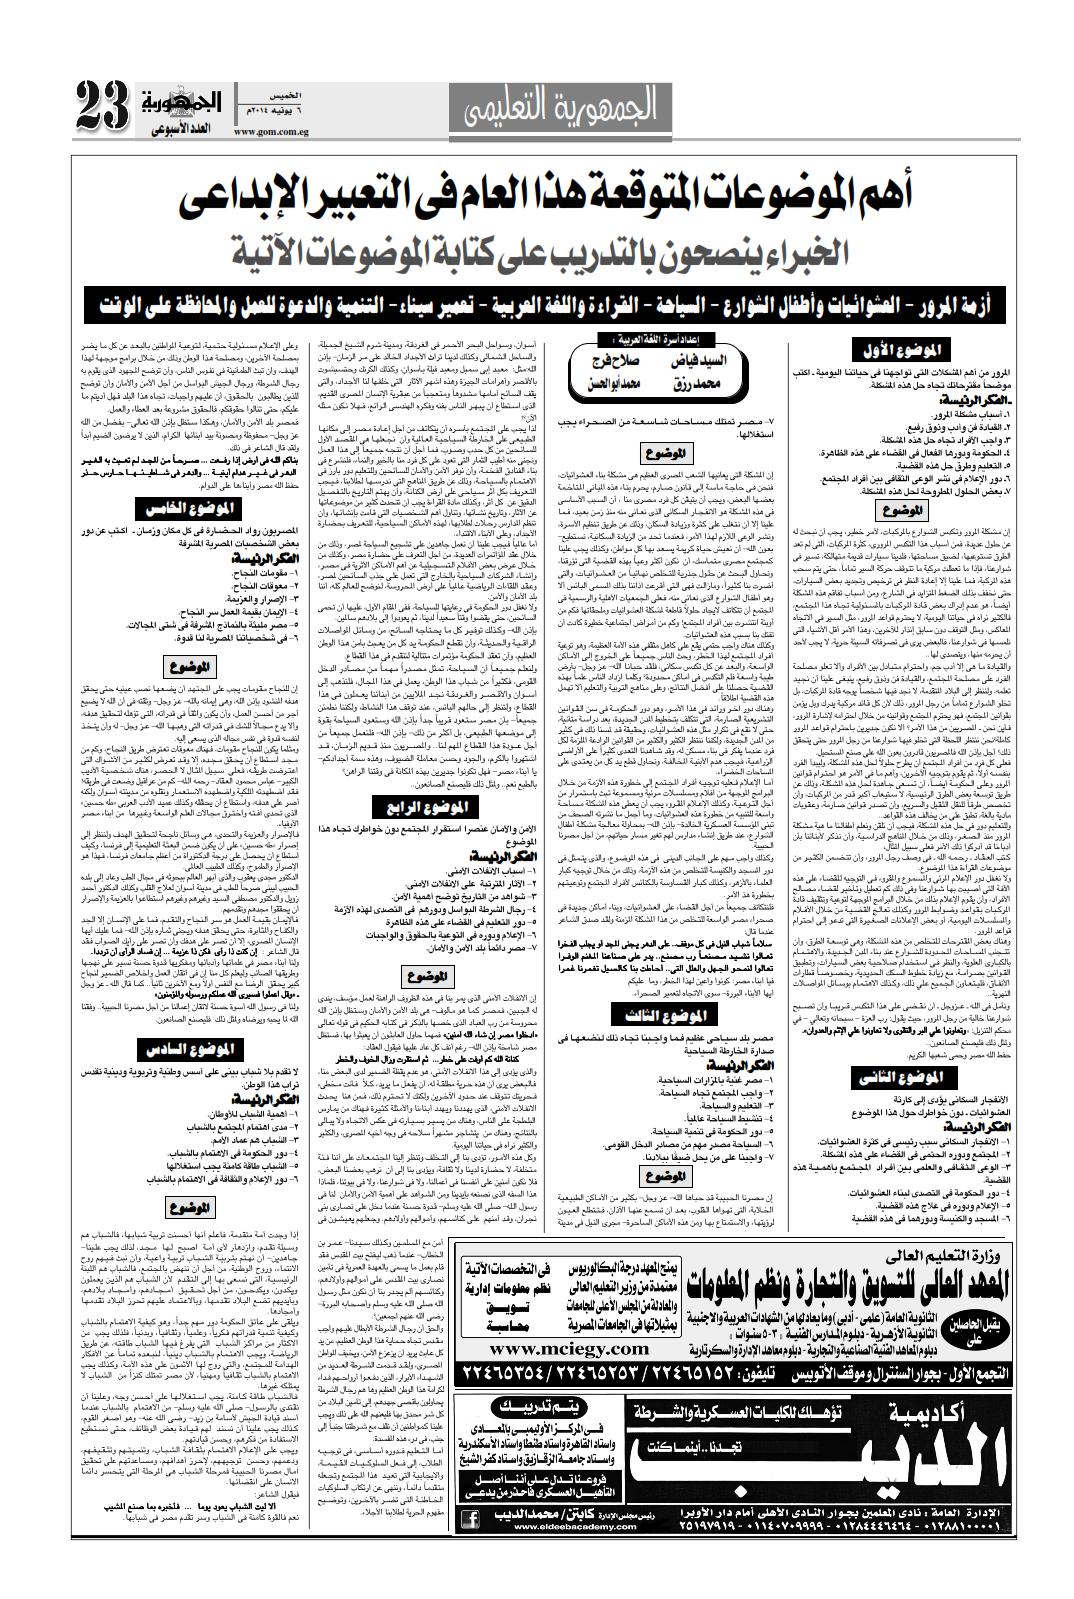 المراجعة النهائية للغة العربية الثانوية العامة 2014 جريدة الجمهورية التعليمى جاهز للطباعة